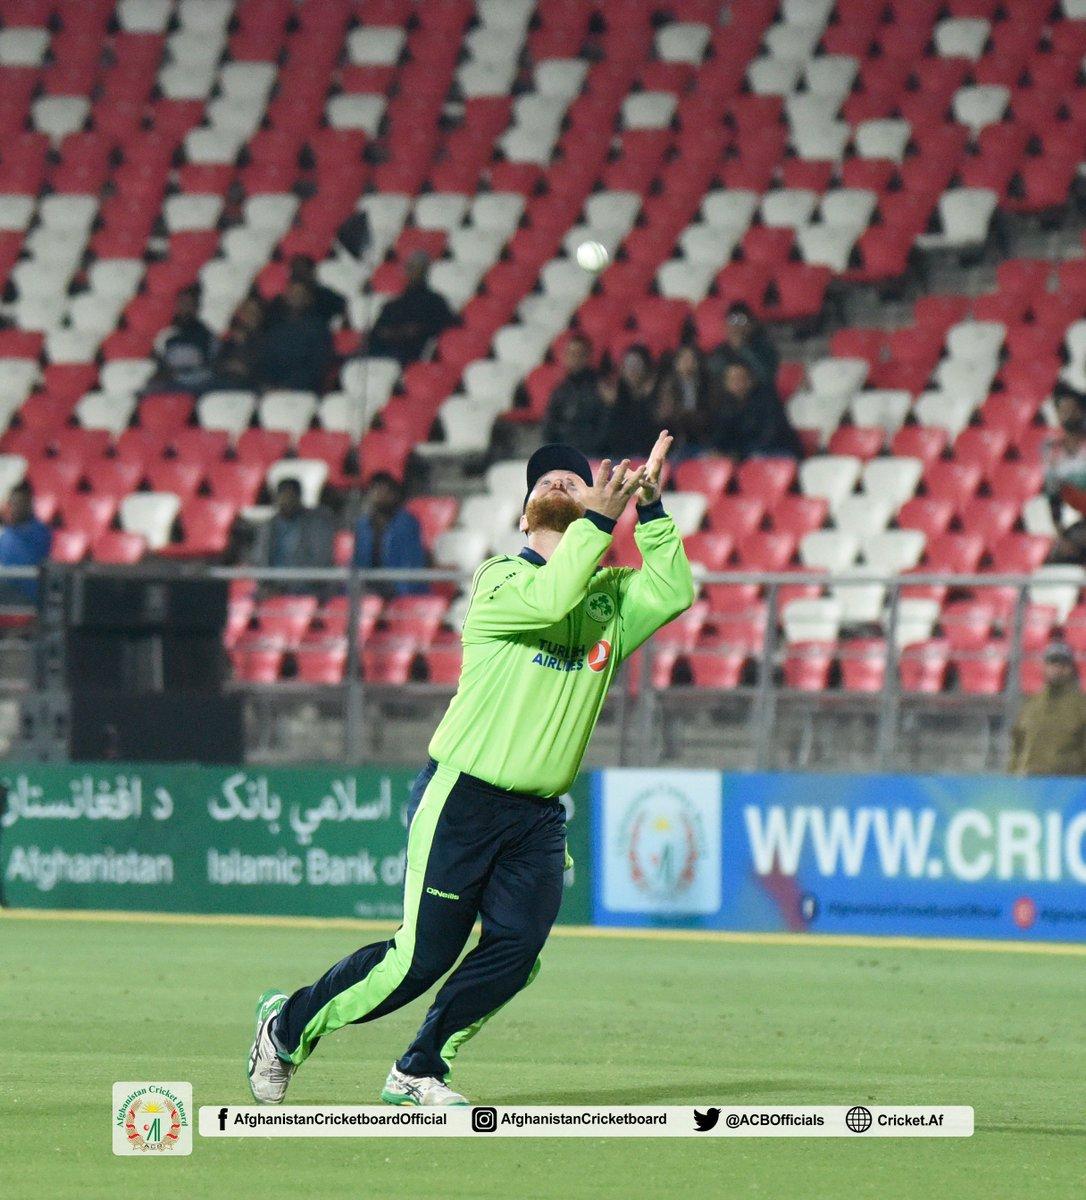 Afghanistan Cricket Board on Twitter: